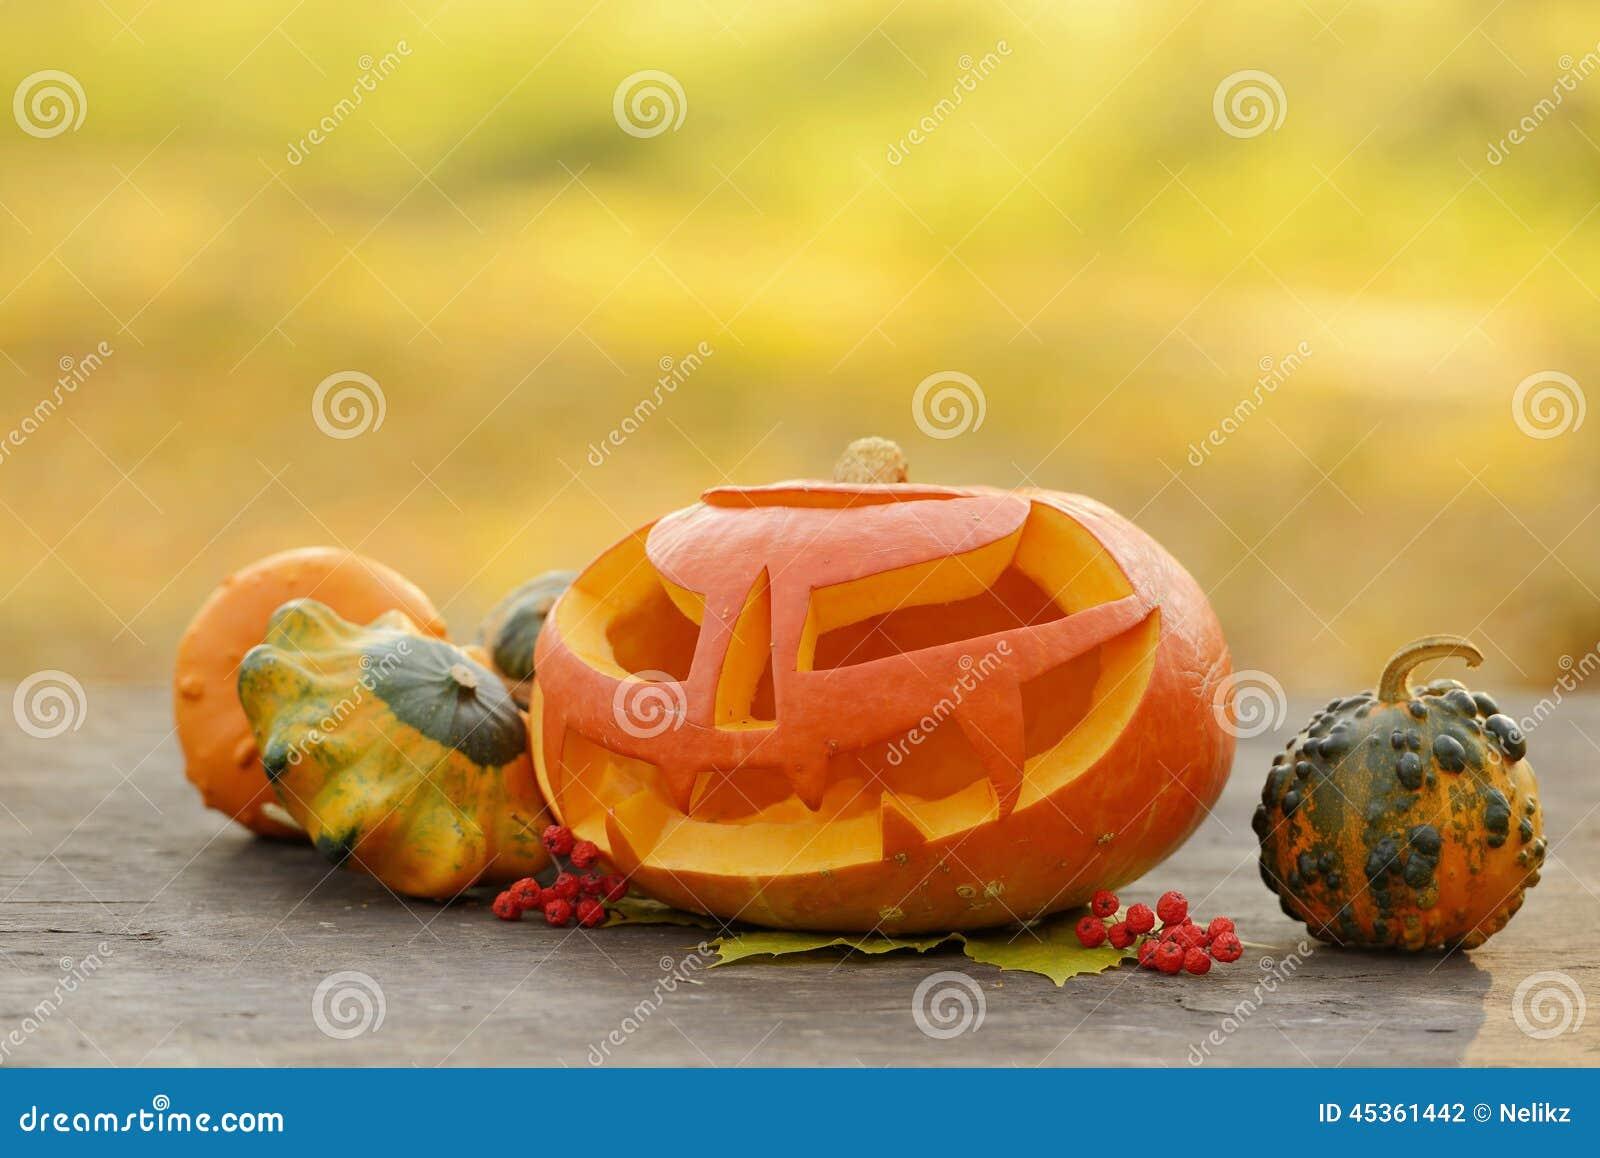 Potiron de Halloween sur les planches en bois